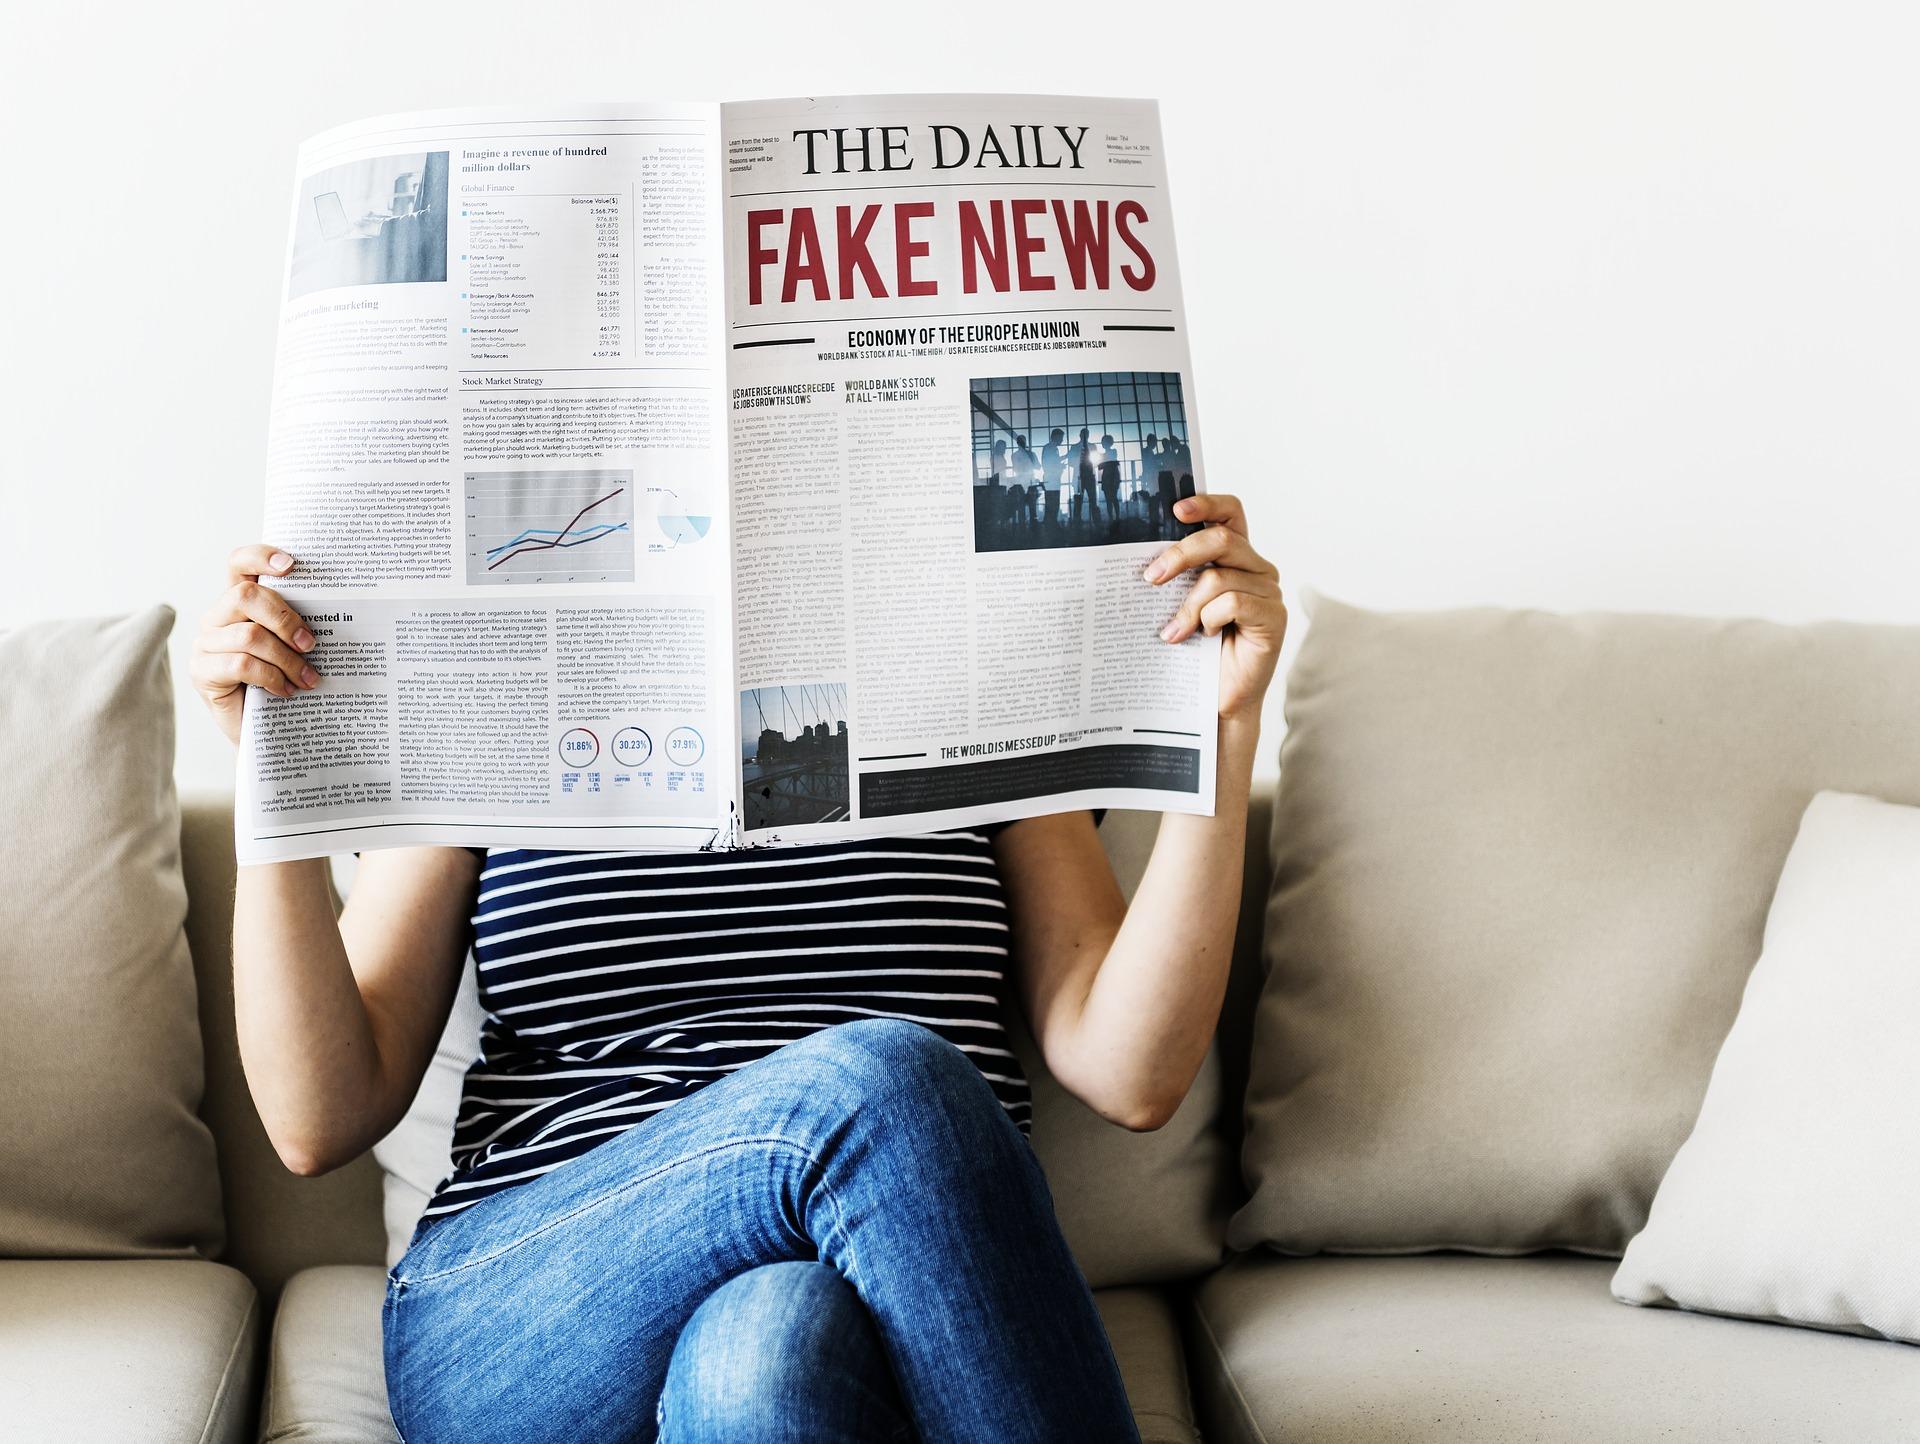 Hvad gør I, hvis fake news rammer jer som virksomhed eller organisation?